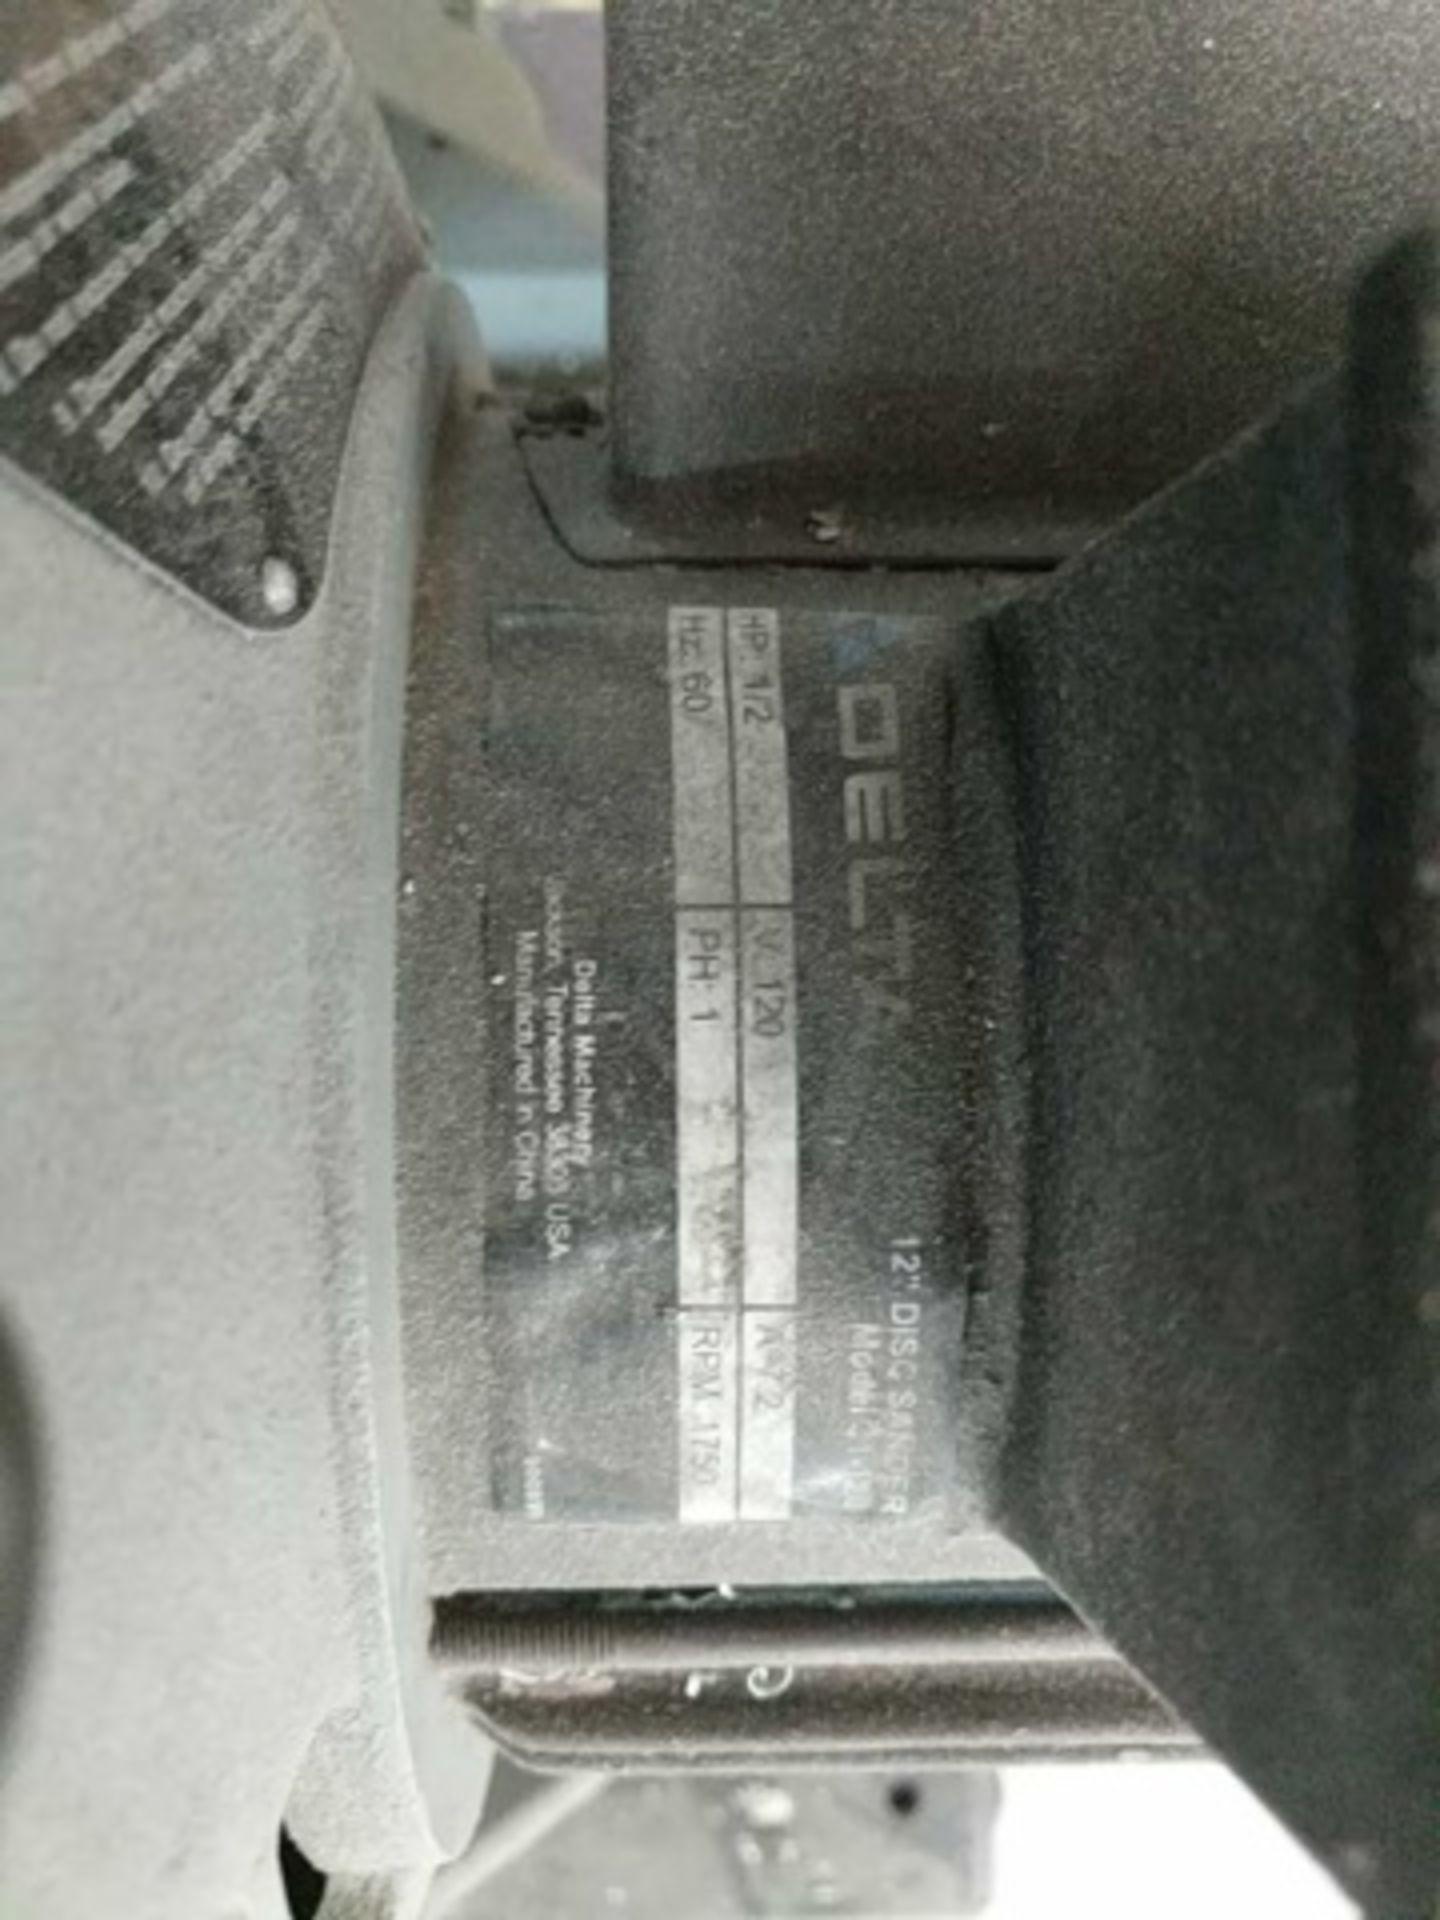 Delta 31-120 Disc Sander - Image 4 of 4